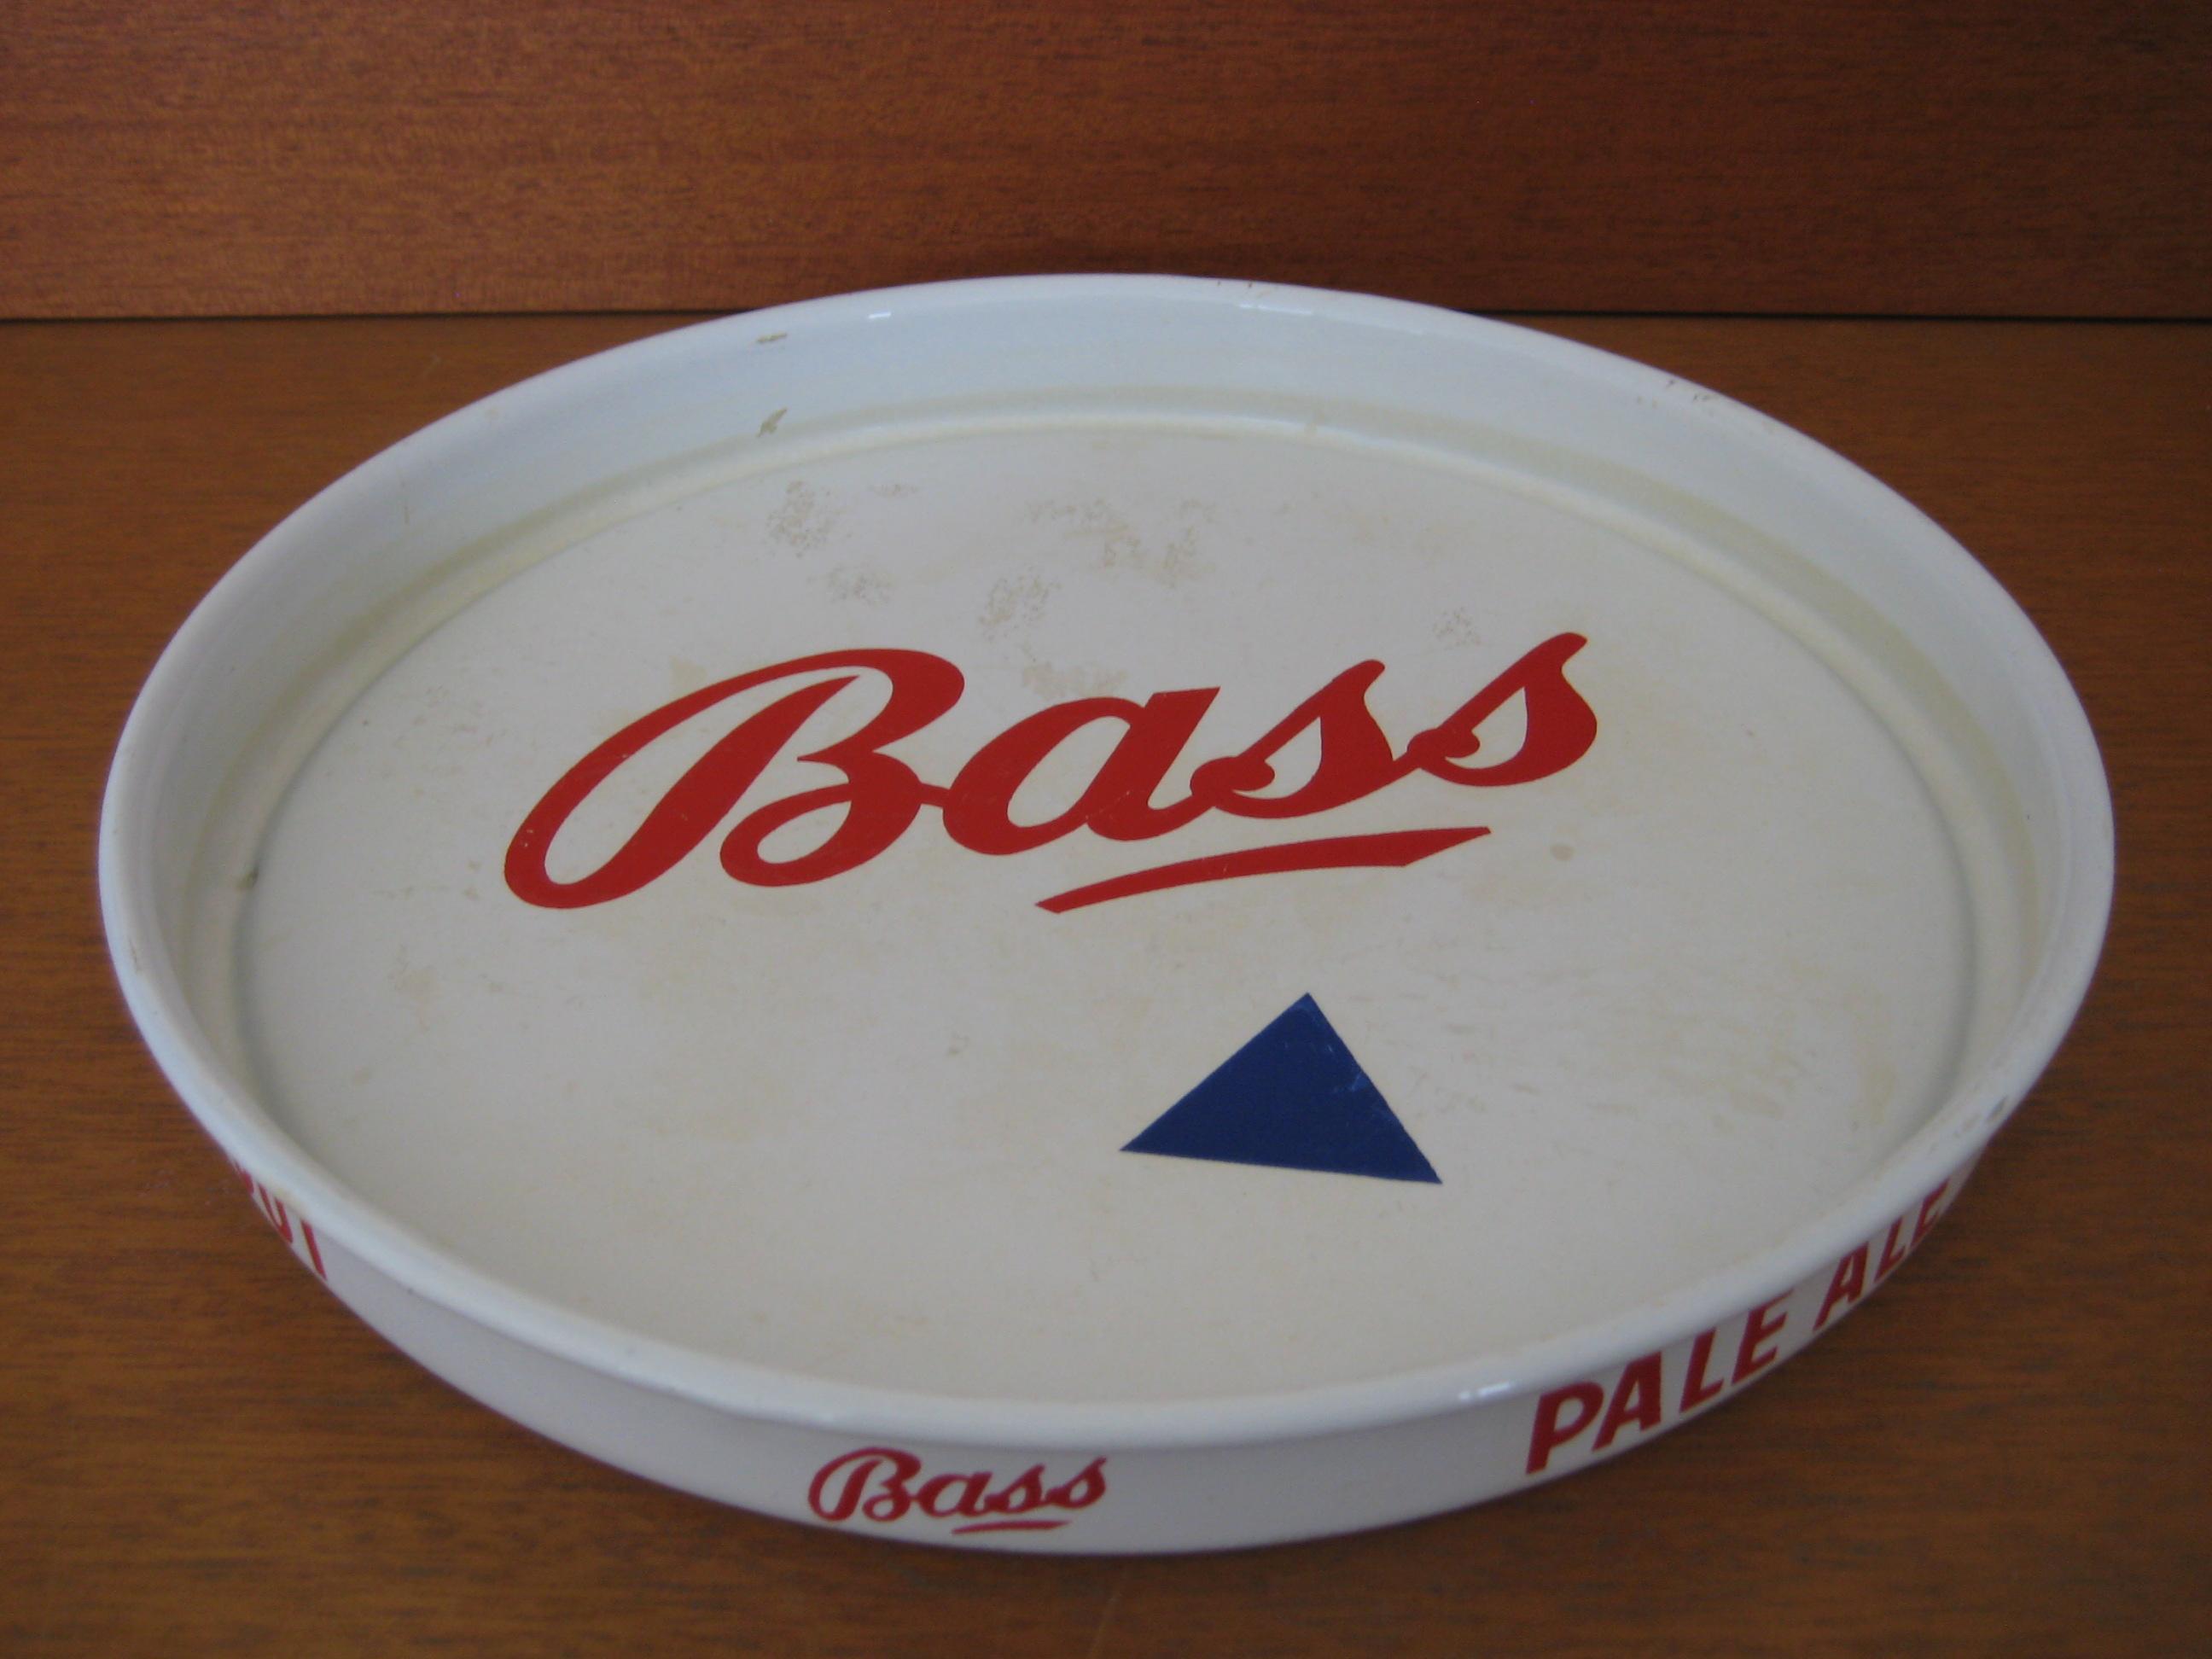 Bakke Bass